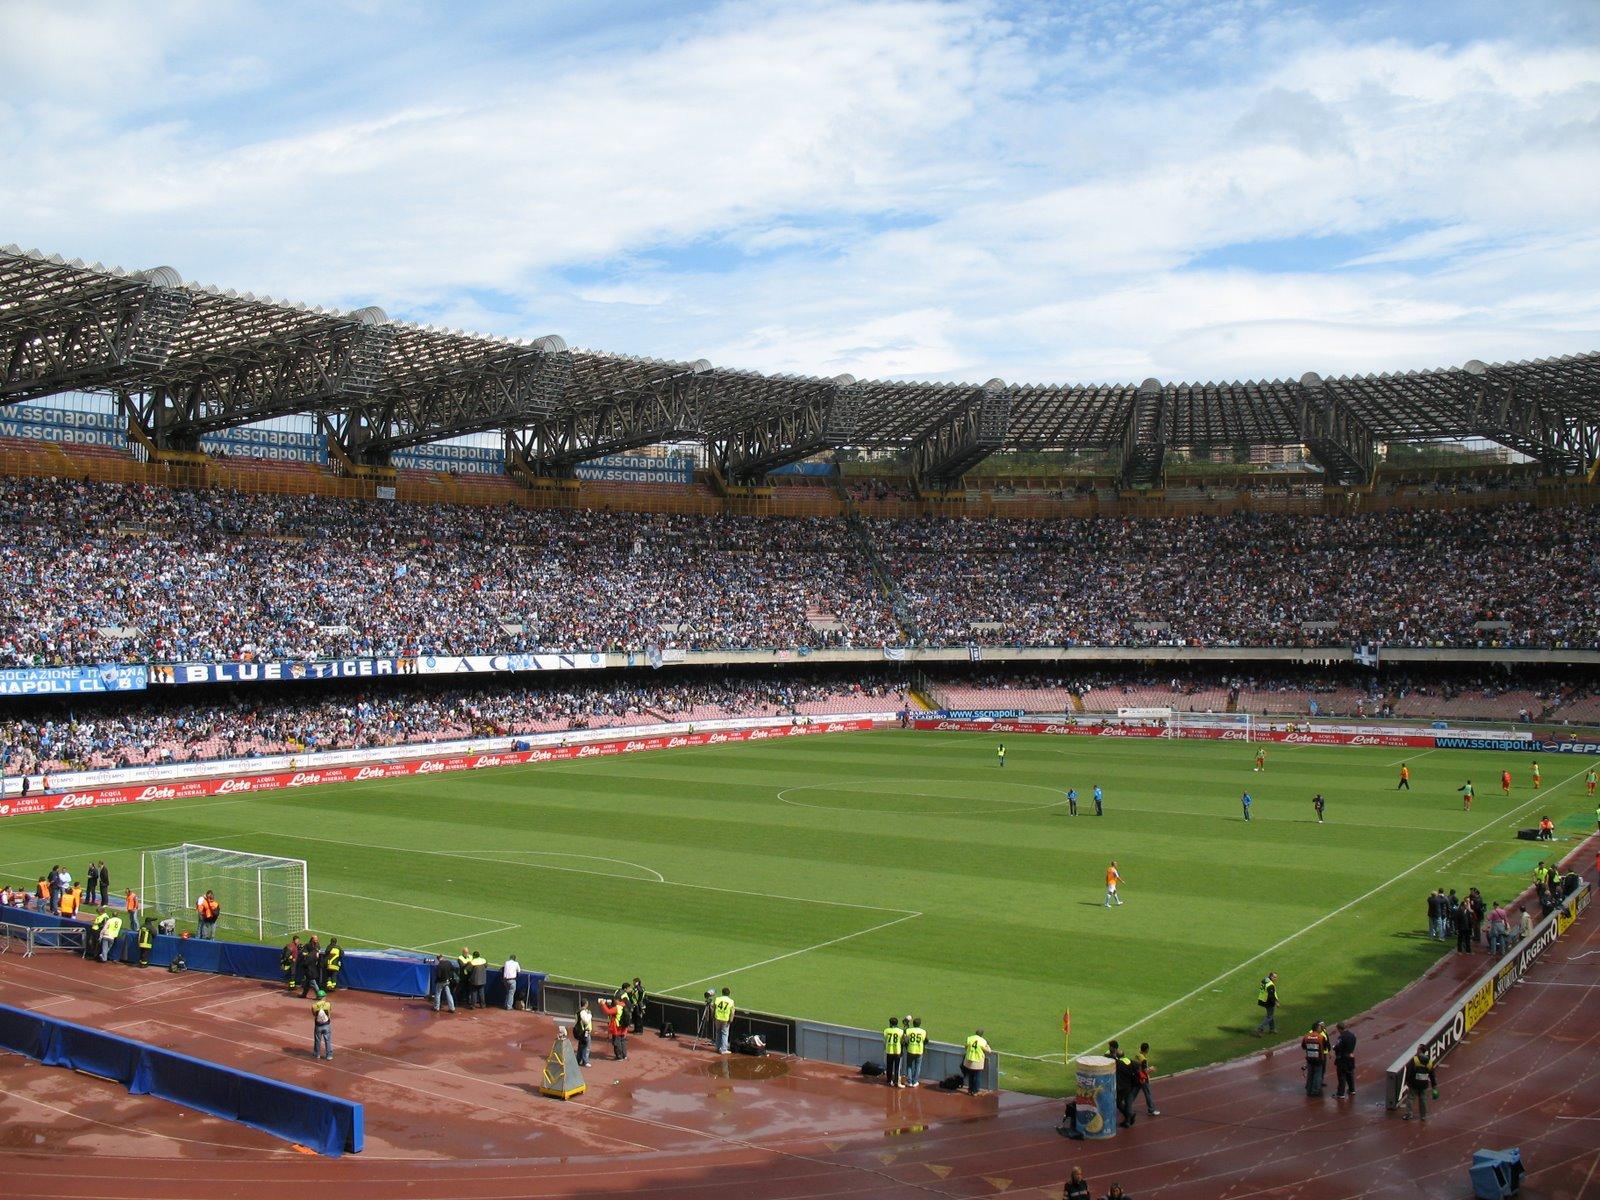 Abbonamenti Napoli, penultimo in classifica con appena 4 mila